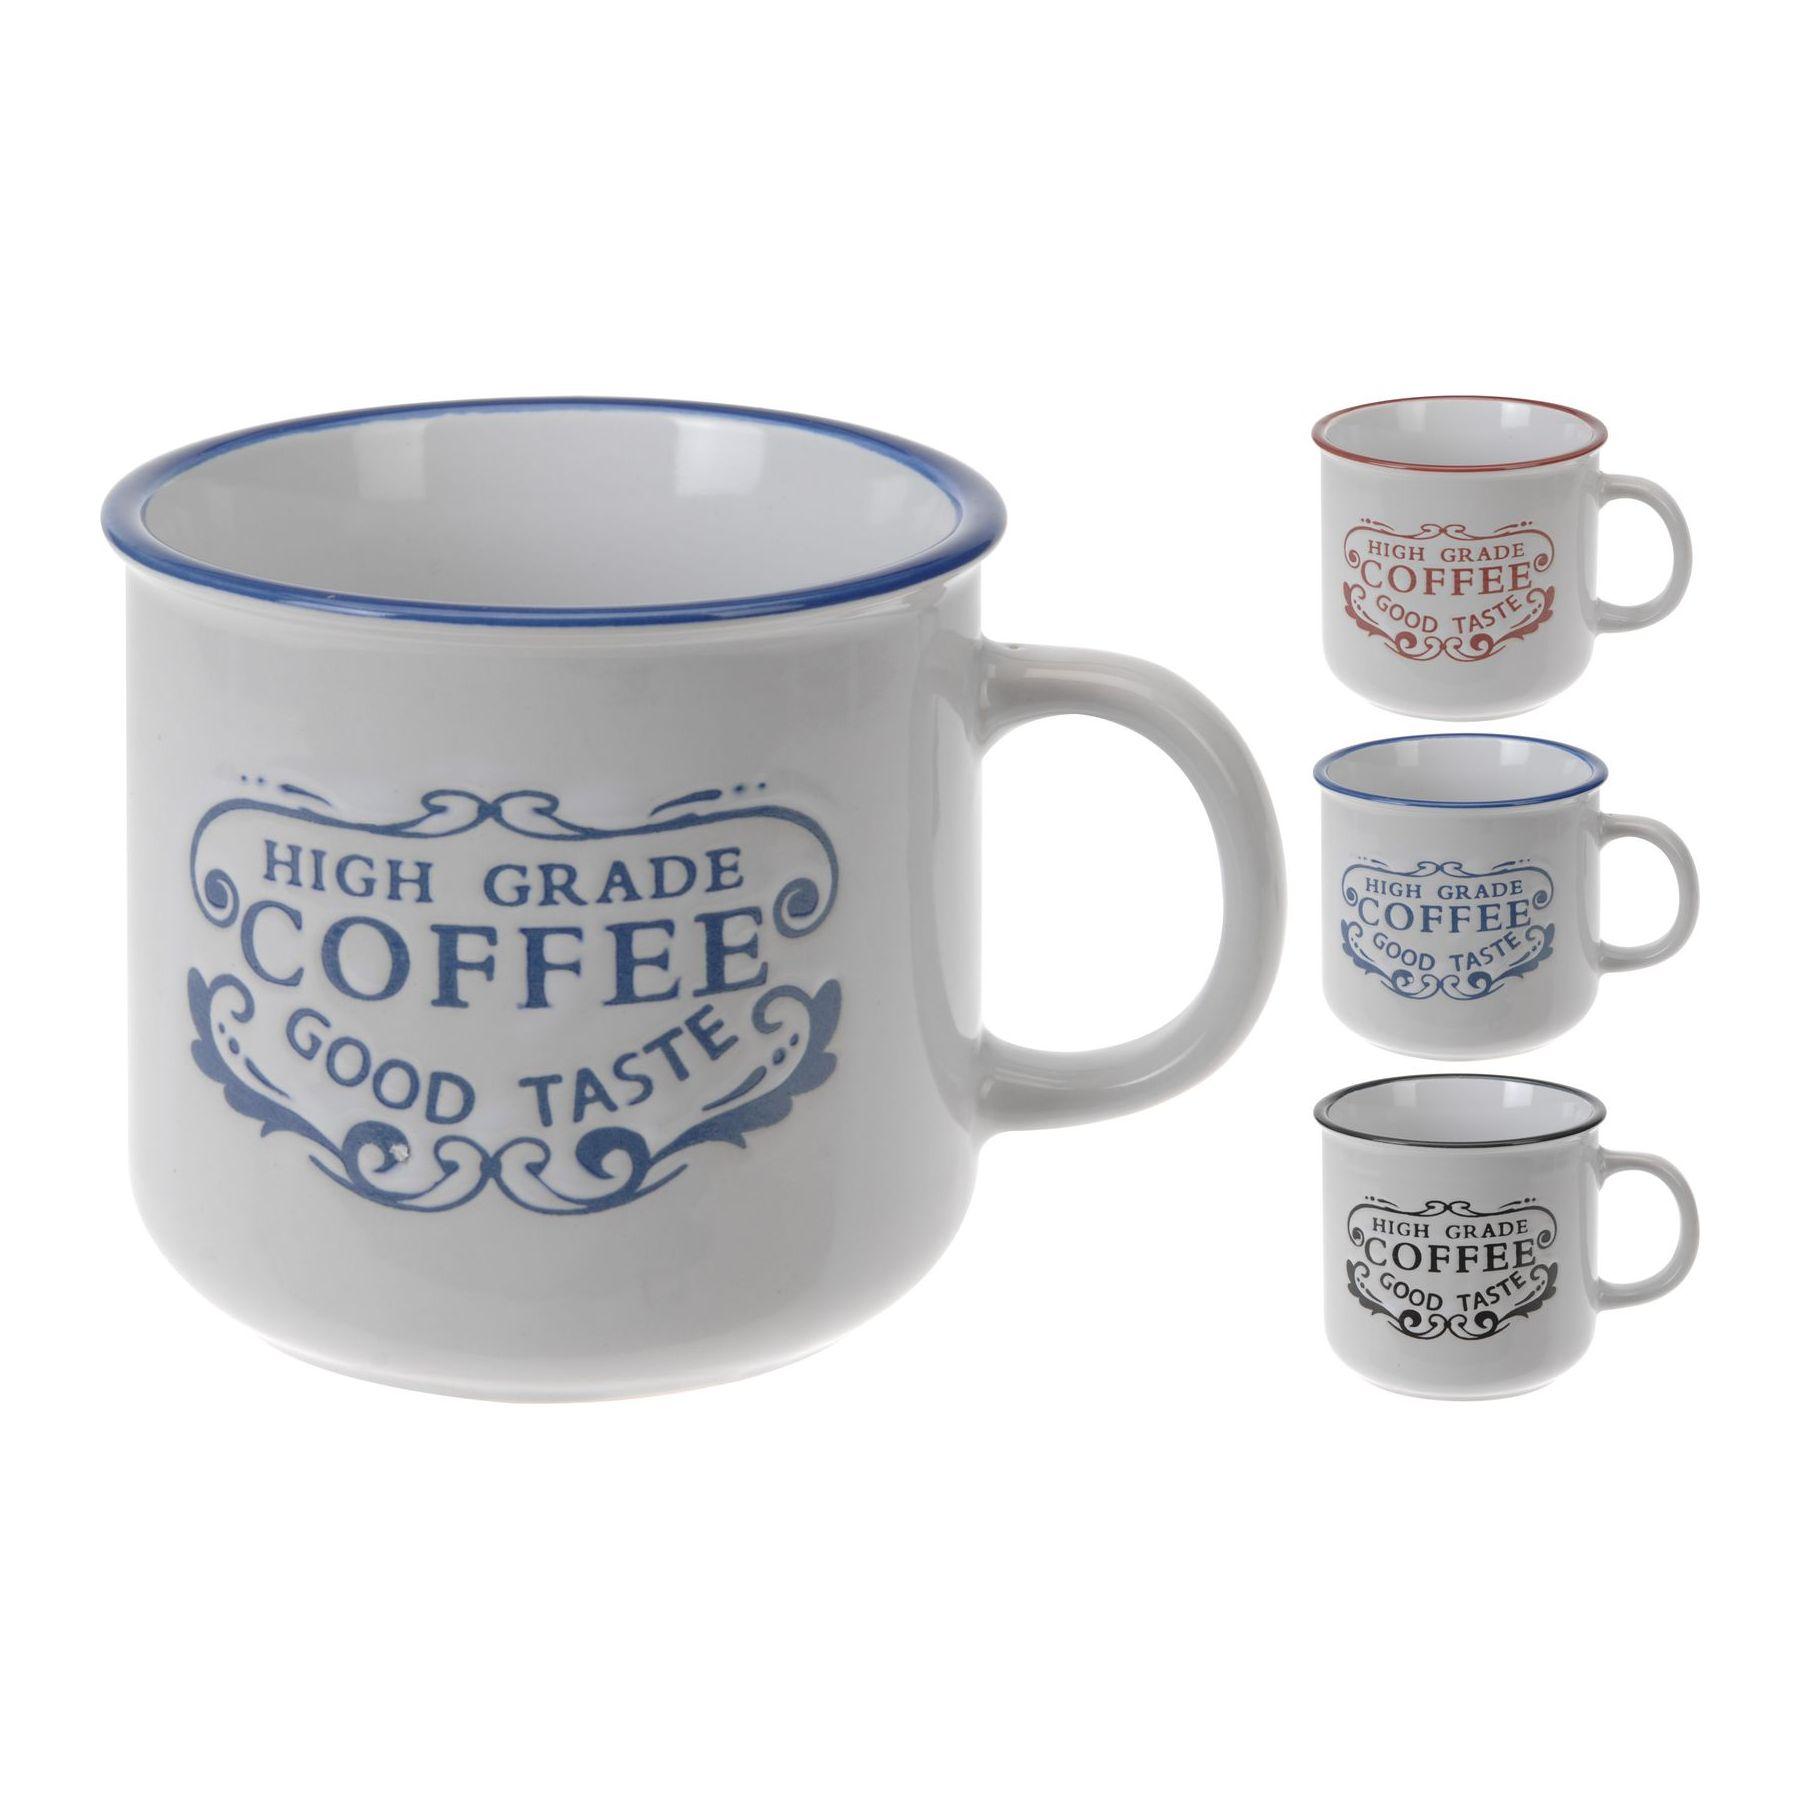 Кружка Coffeeкружка, разм. 12.5х10х9.2 см<br>